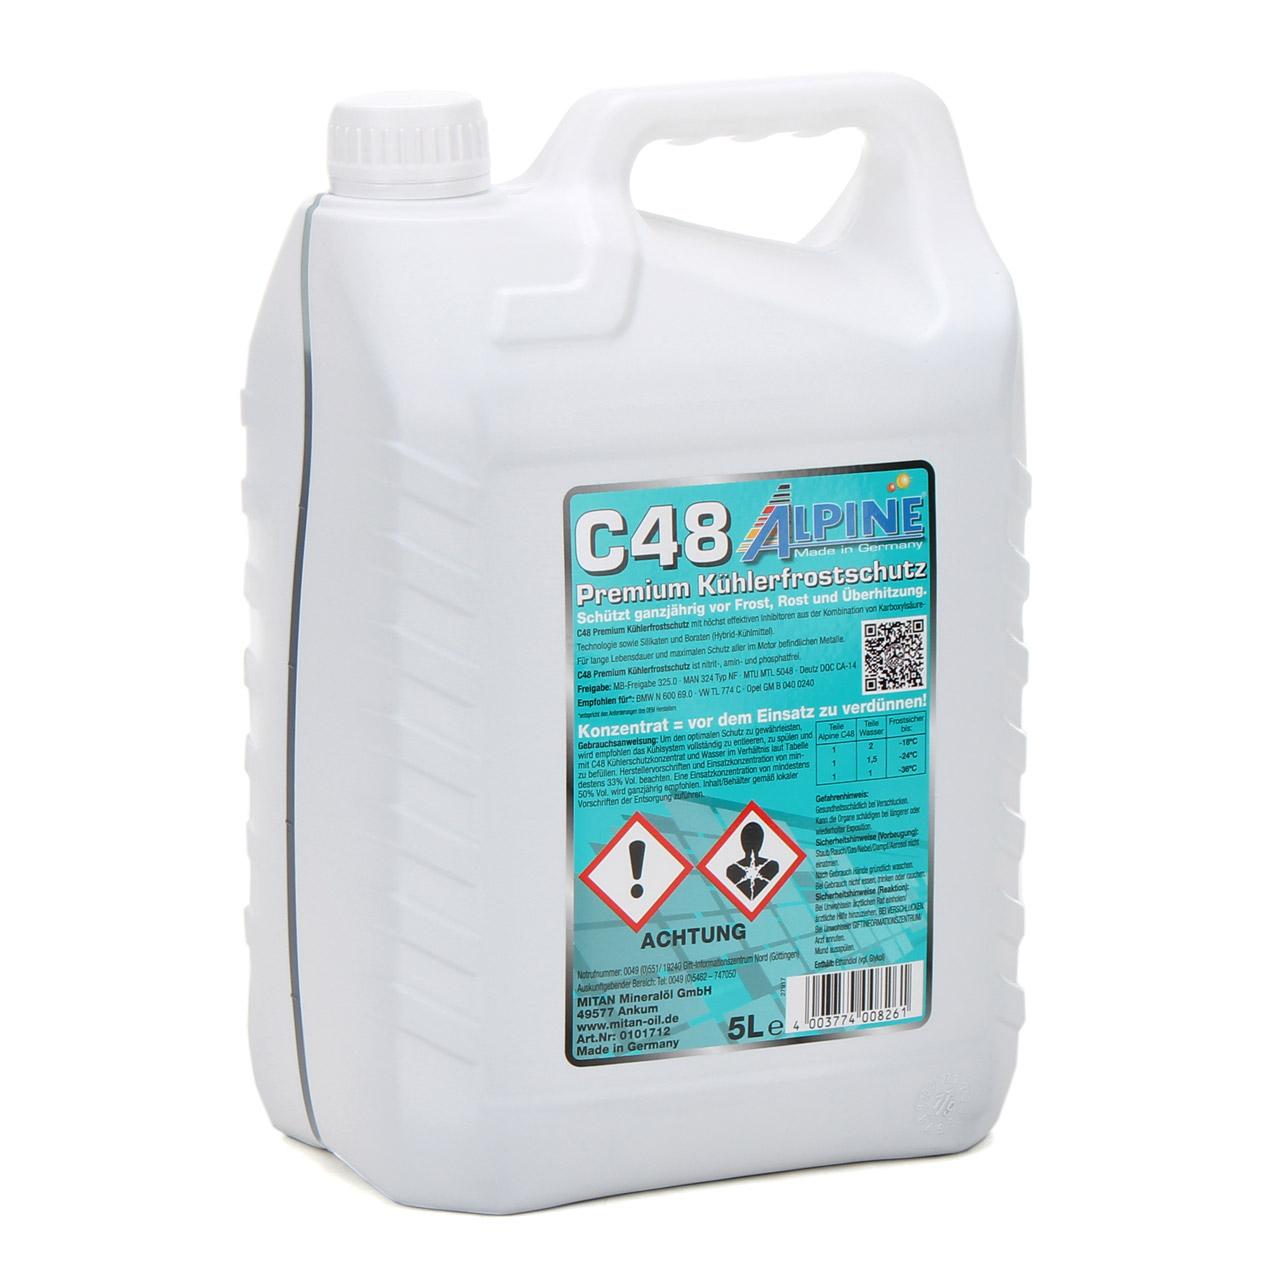 ALPINE Frostschutz Kühlerfrostschutz Konzentrat C48 G48 GRÜN 5L 5 Liter